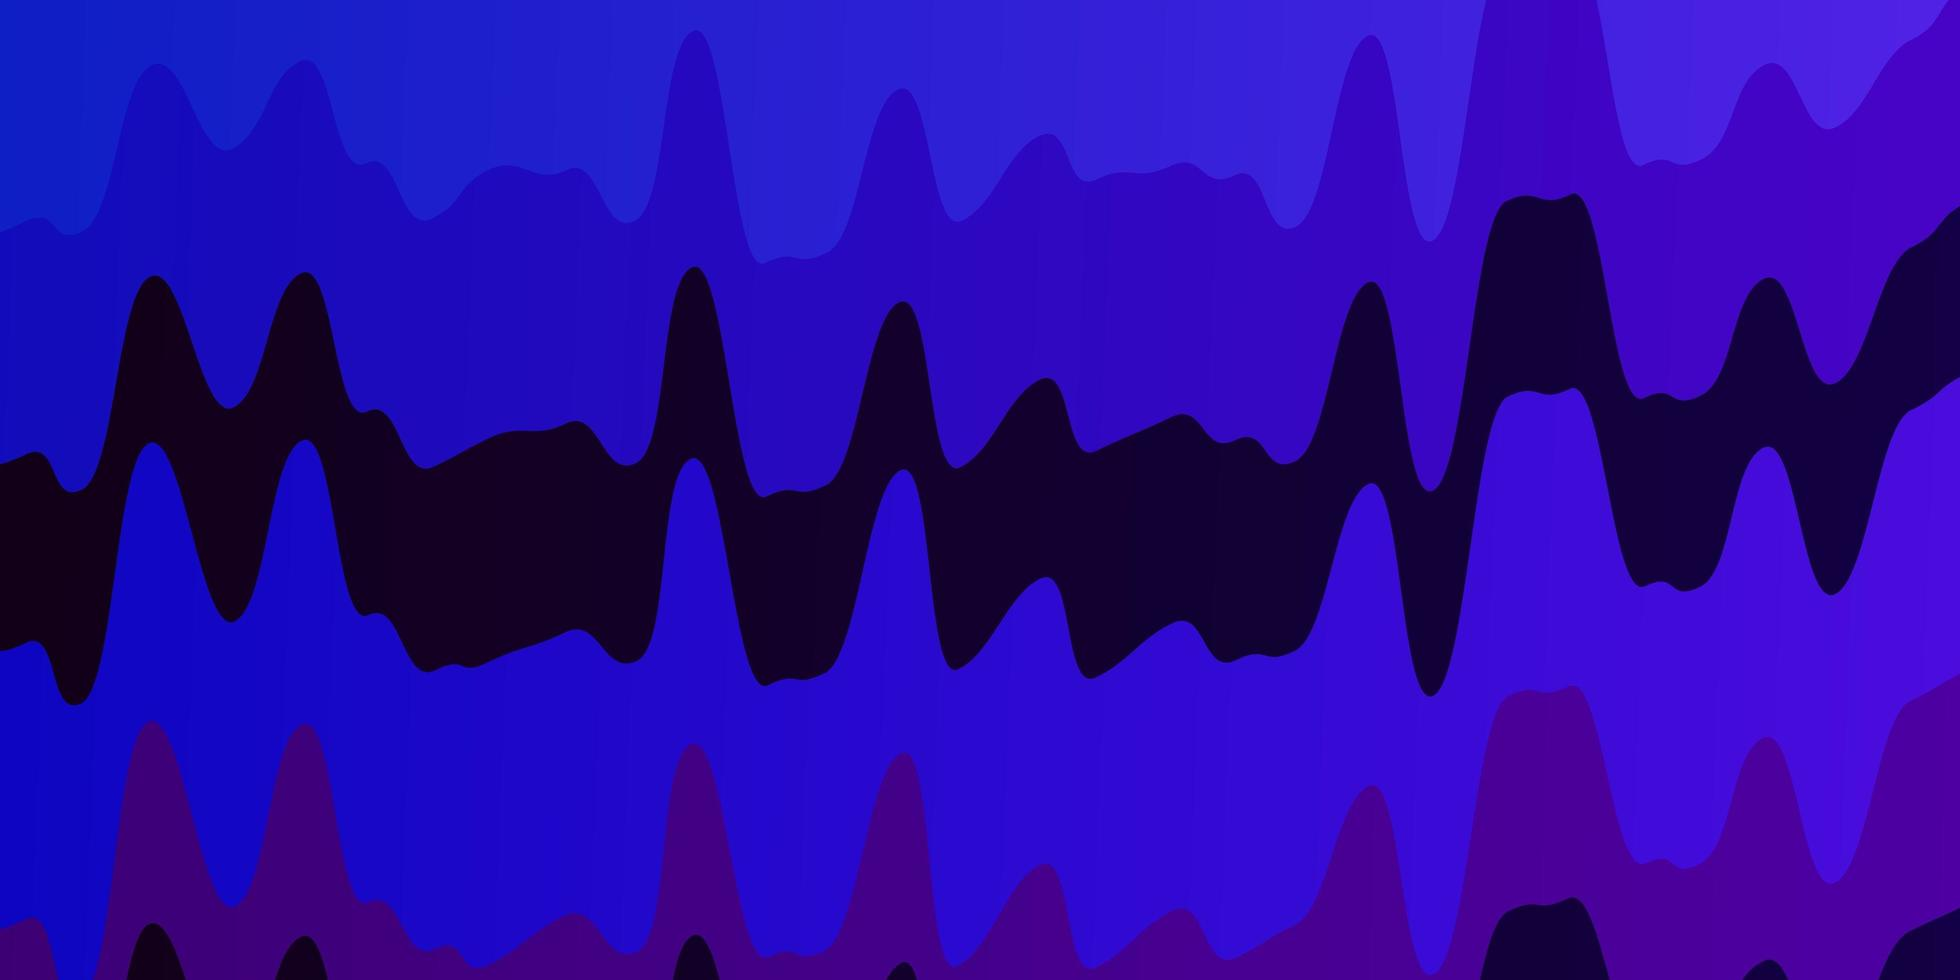 dunkelrosa, blauer Hintergrund mit Kreisbogen. vektor